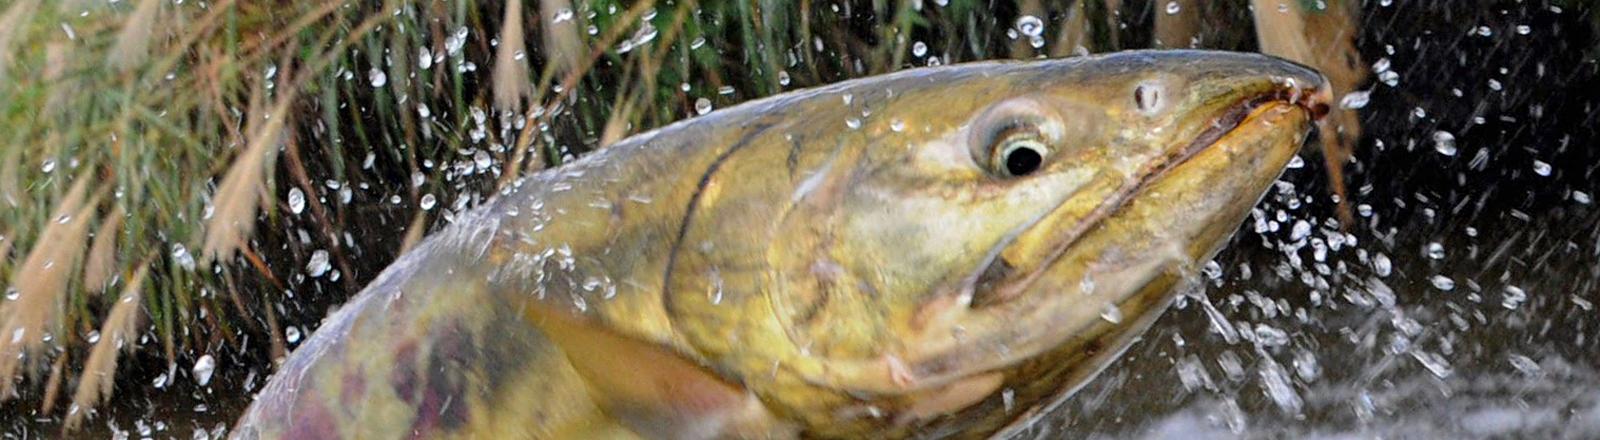 Ein Lachs springt in die Höhe; Bild: dpa